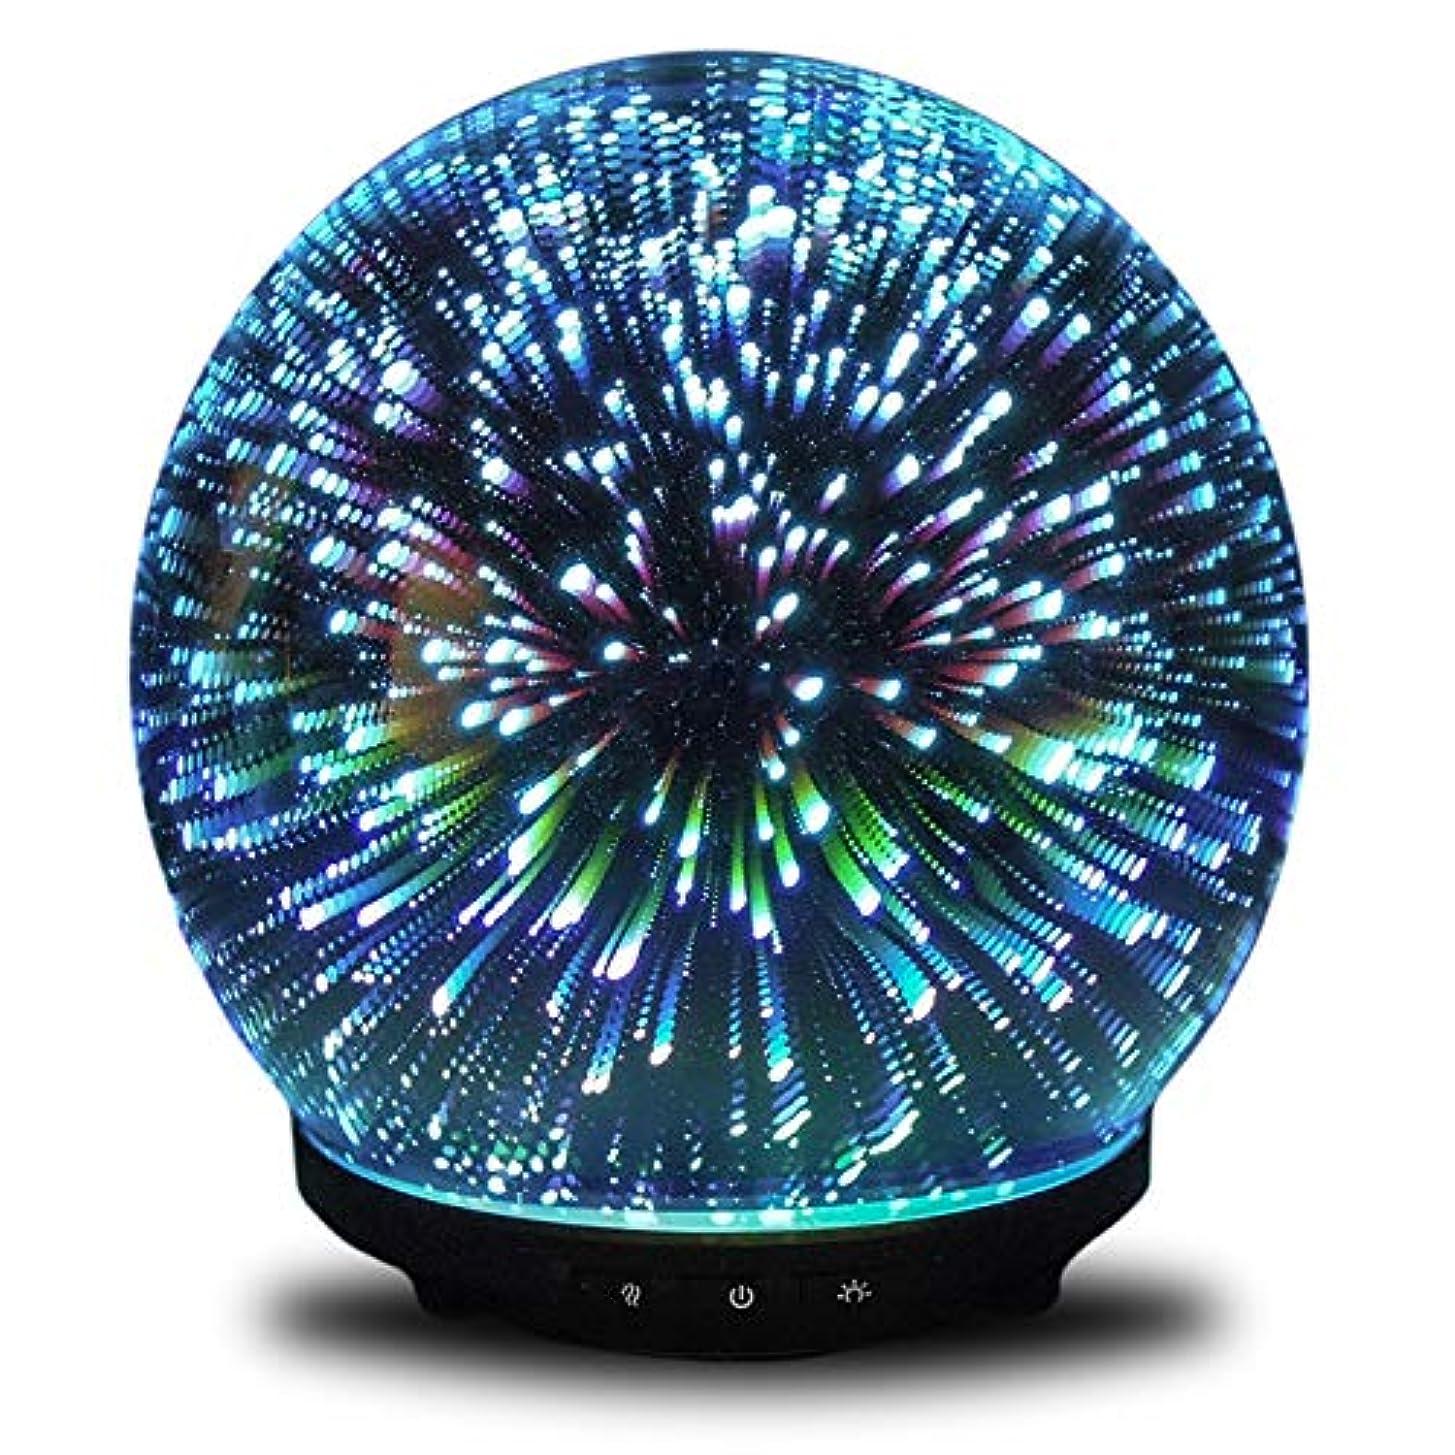 温帯モディッシュフォアマンORION by Simply Diffusers | Original 3D Aromatherapy Essential Oil Cool Mist Diffuser | 3 Button Technology for...